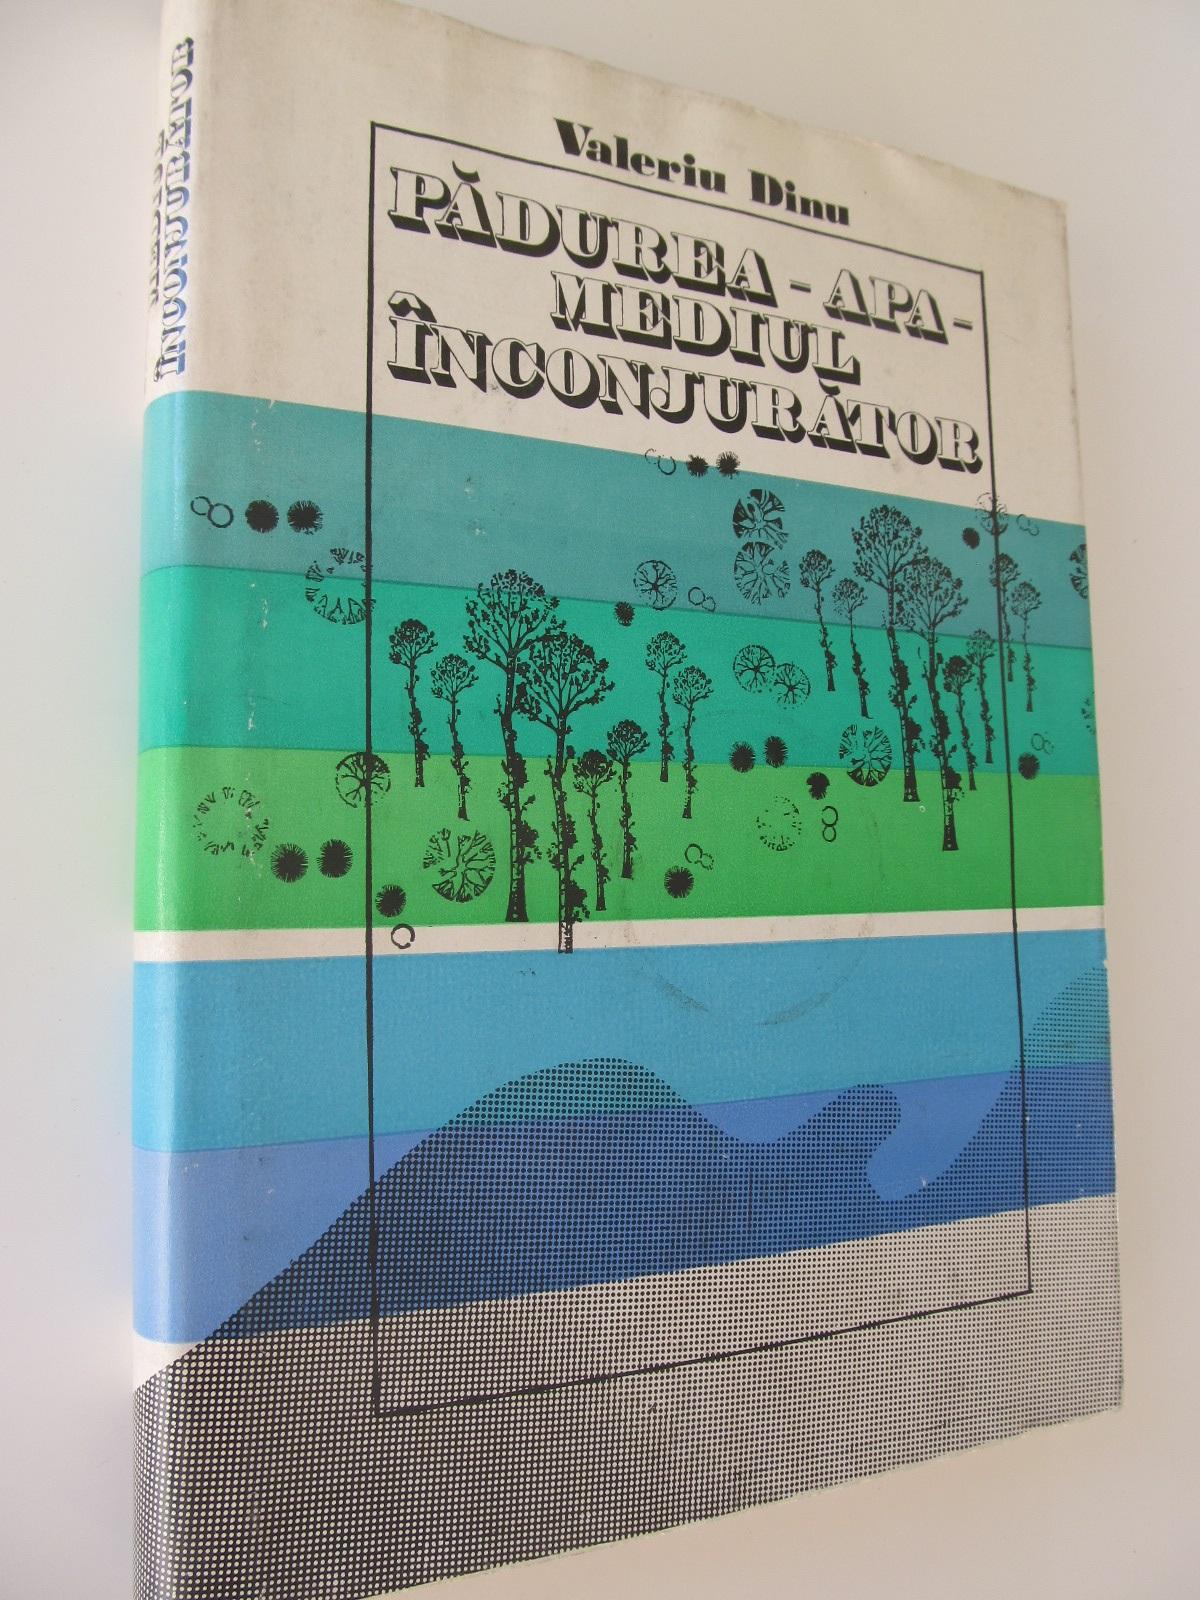 Padurea - Apa - Mediul inconjurator - Valeriu Dinu | Detalii carte